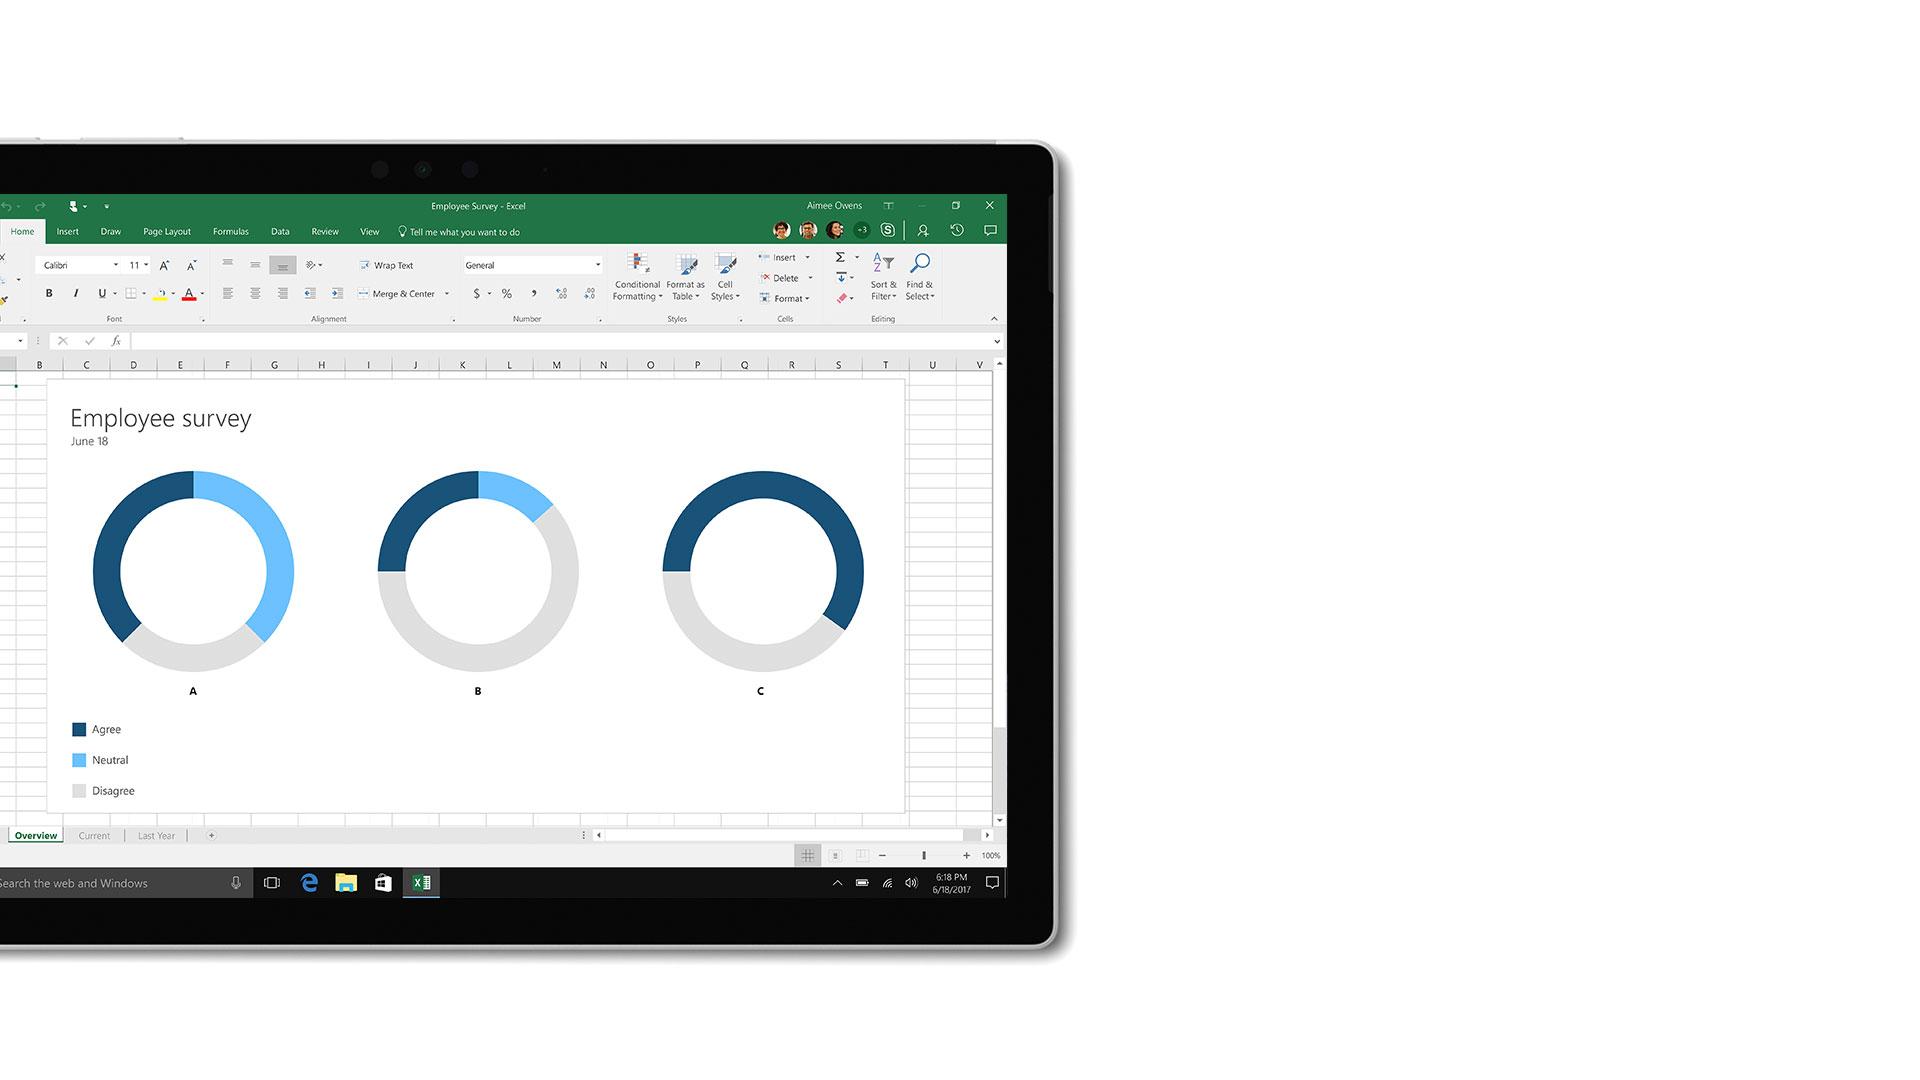 Immagine dell'interfaccia utente di Microsoft Excel